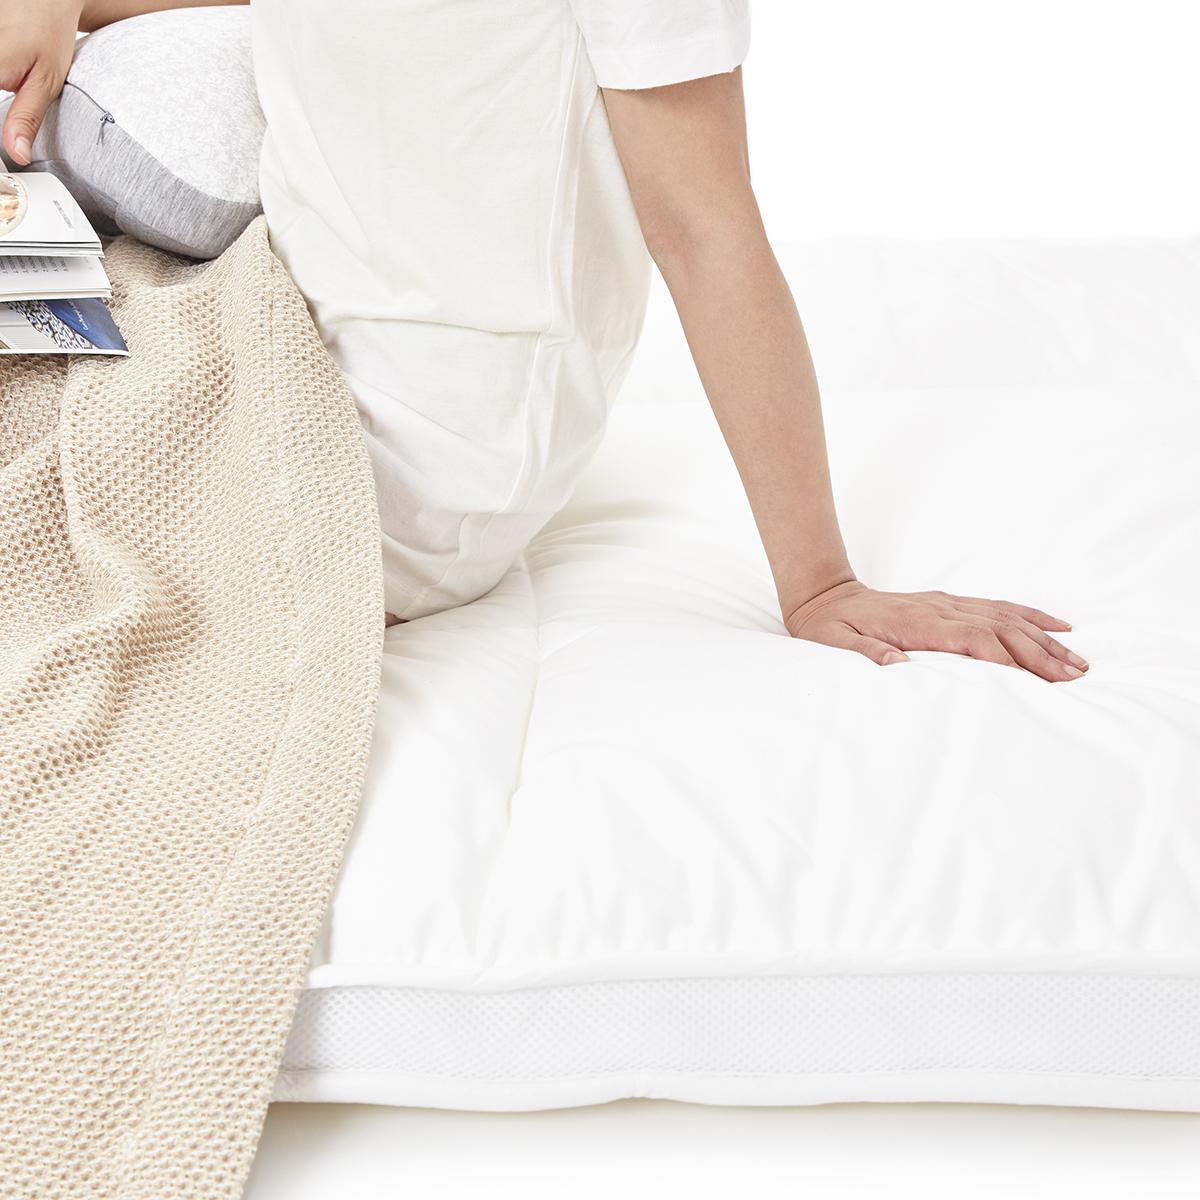 「朝から元気!」をくれる体圧分散マットレス | 整形外科の名医が考案、「柔硬2層構造」で体がラク